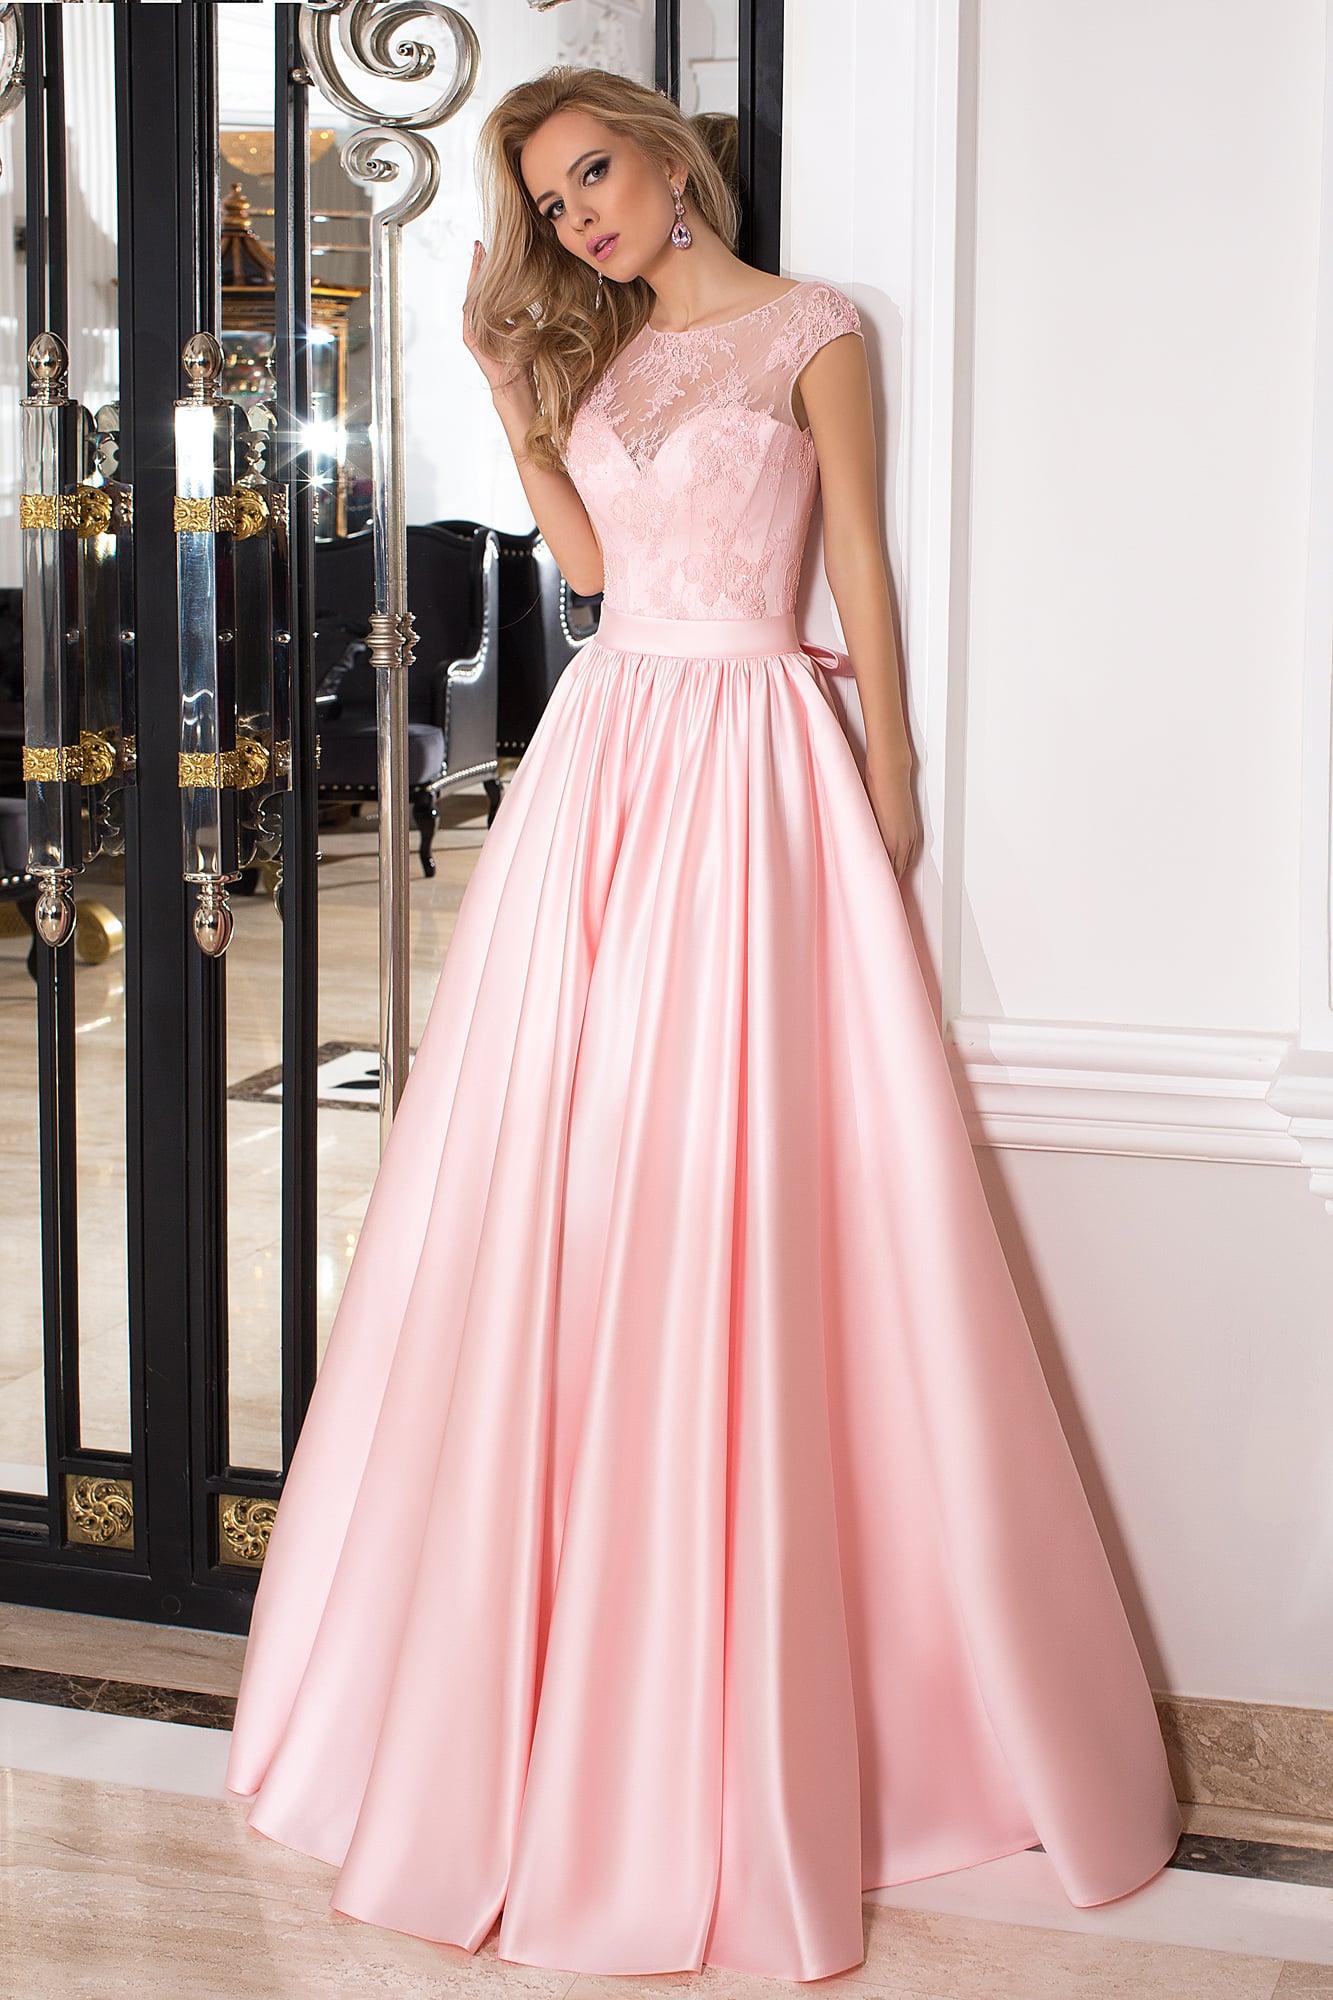 ed8e333ca7f Пышное вечернее платье розового цвета с тонким кружевом над корсетом.